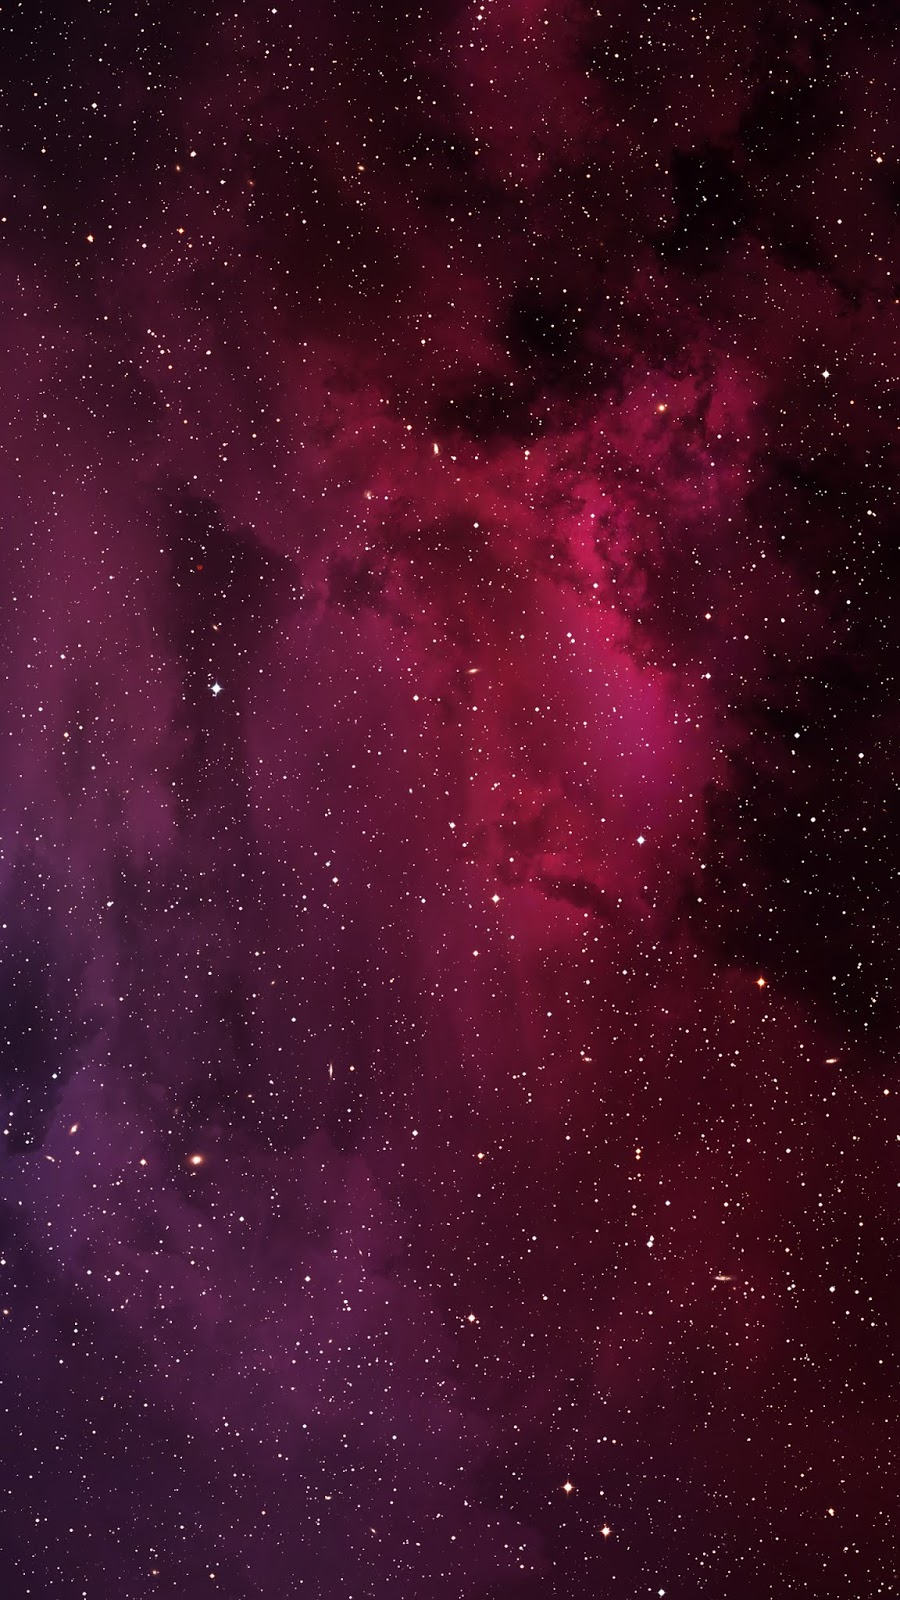 Reddish stars